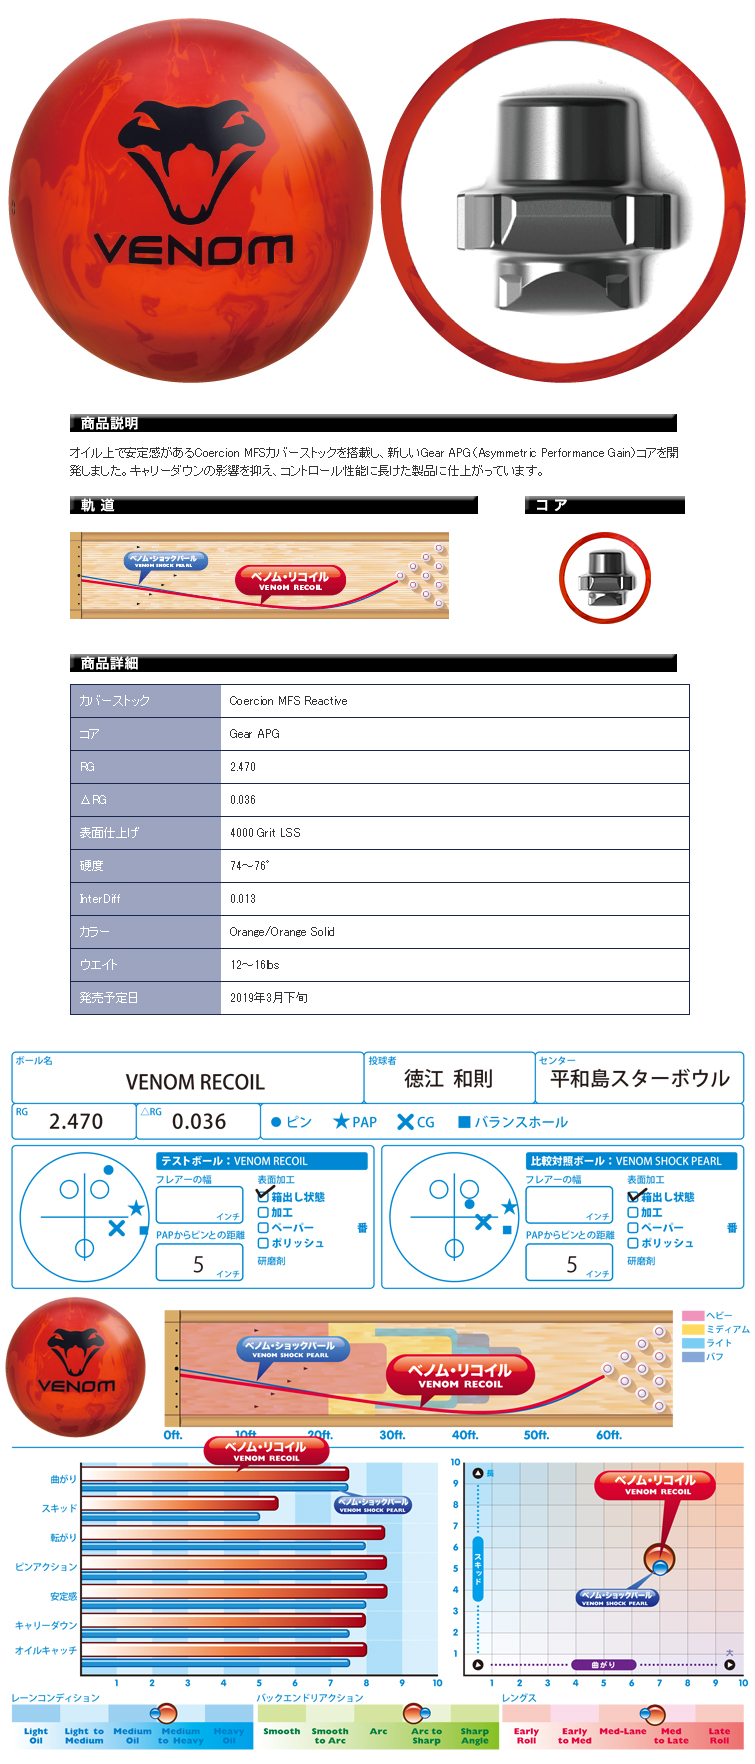 ボウリング用品 ボウリングボール モーティブ MOTIV ベノムリコイル VENOM RECOIL